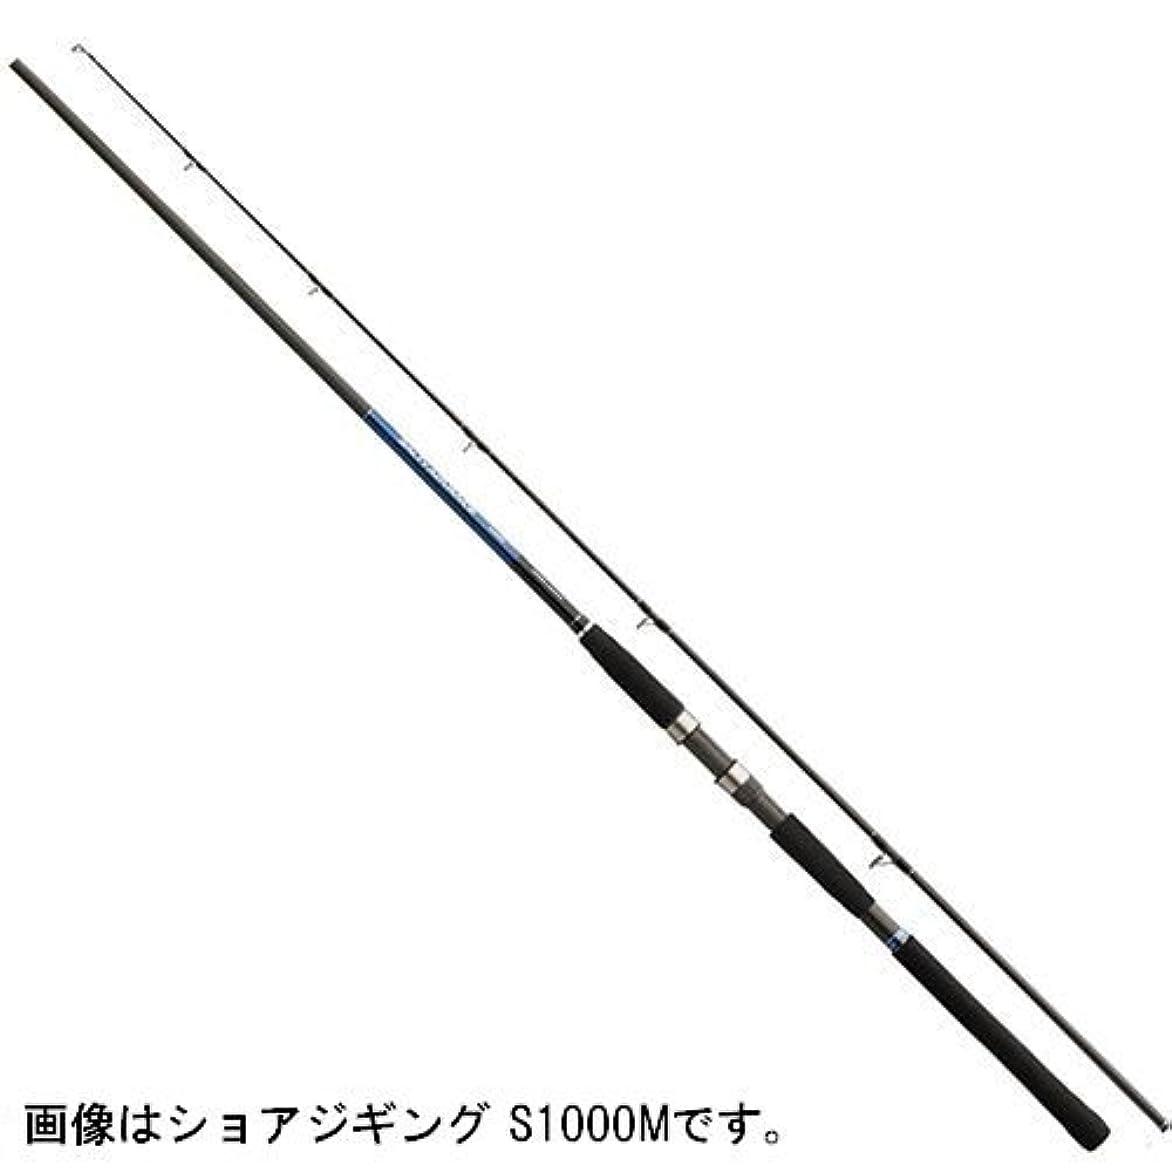 ポスター縁著名なシマノ(SHIMANO) スピニングロッド ソルティーアドバンス  ショアジギング S1000m10フィート